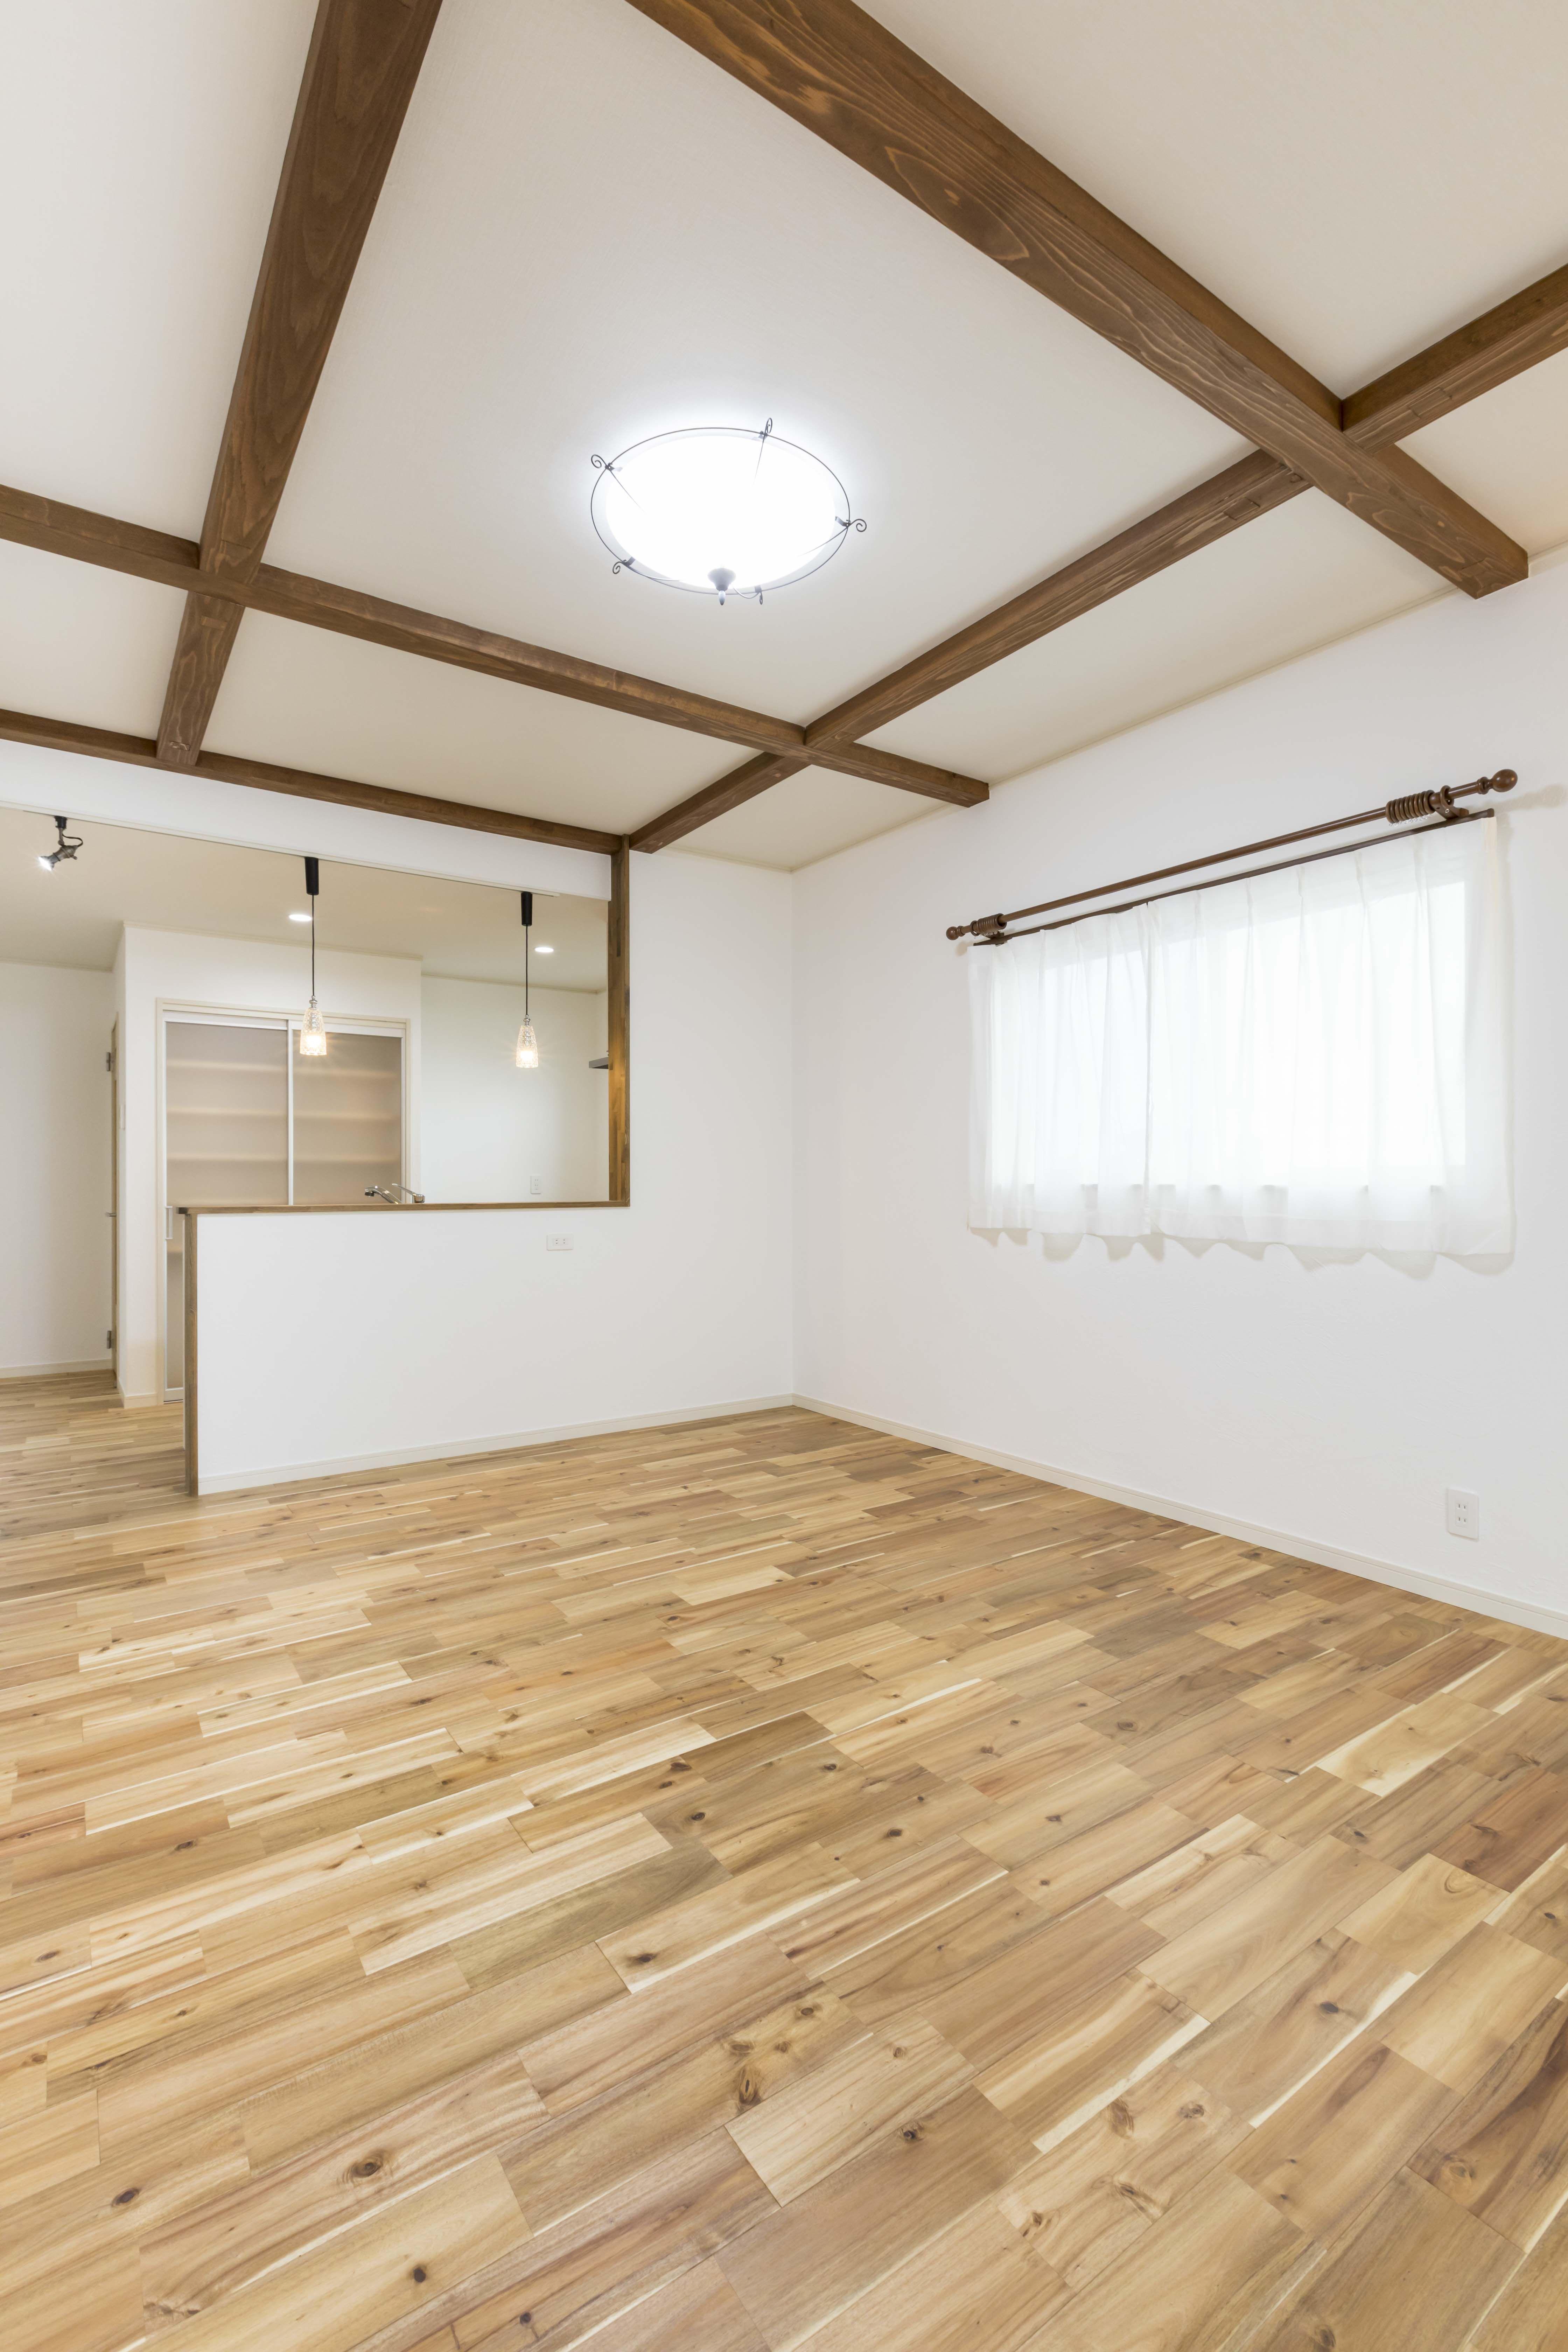 自然素材の家 家 自然素材の家 リビング